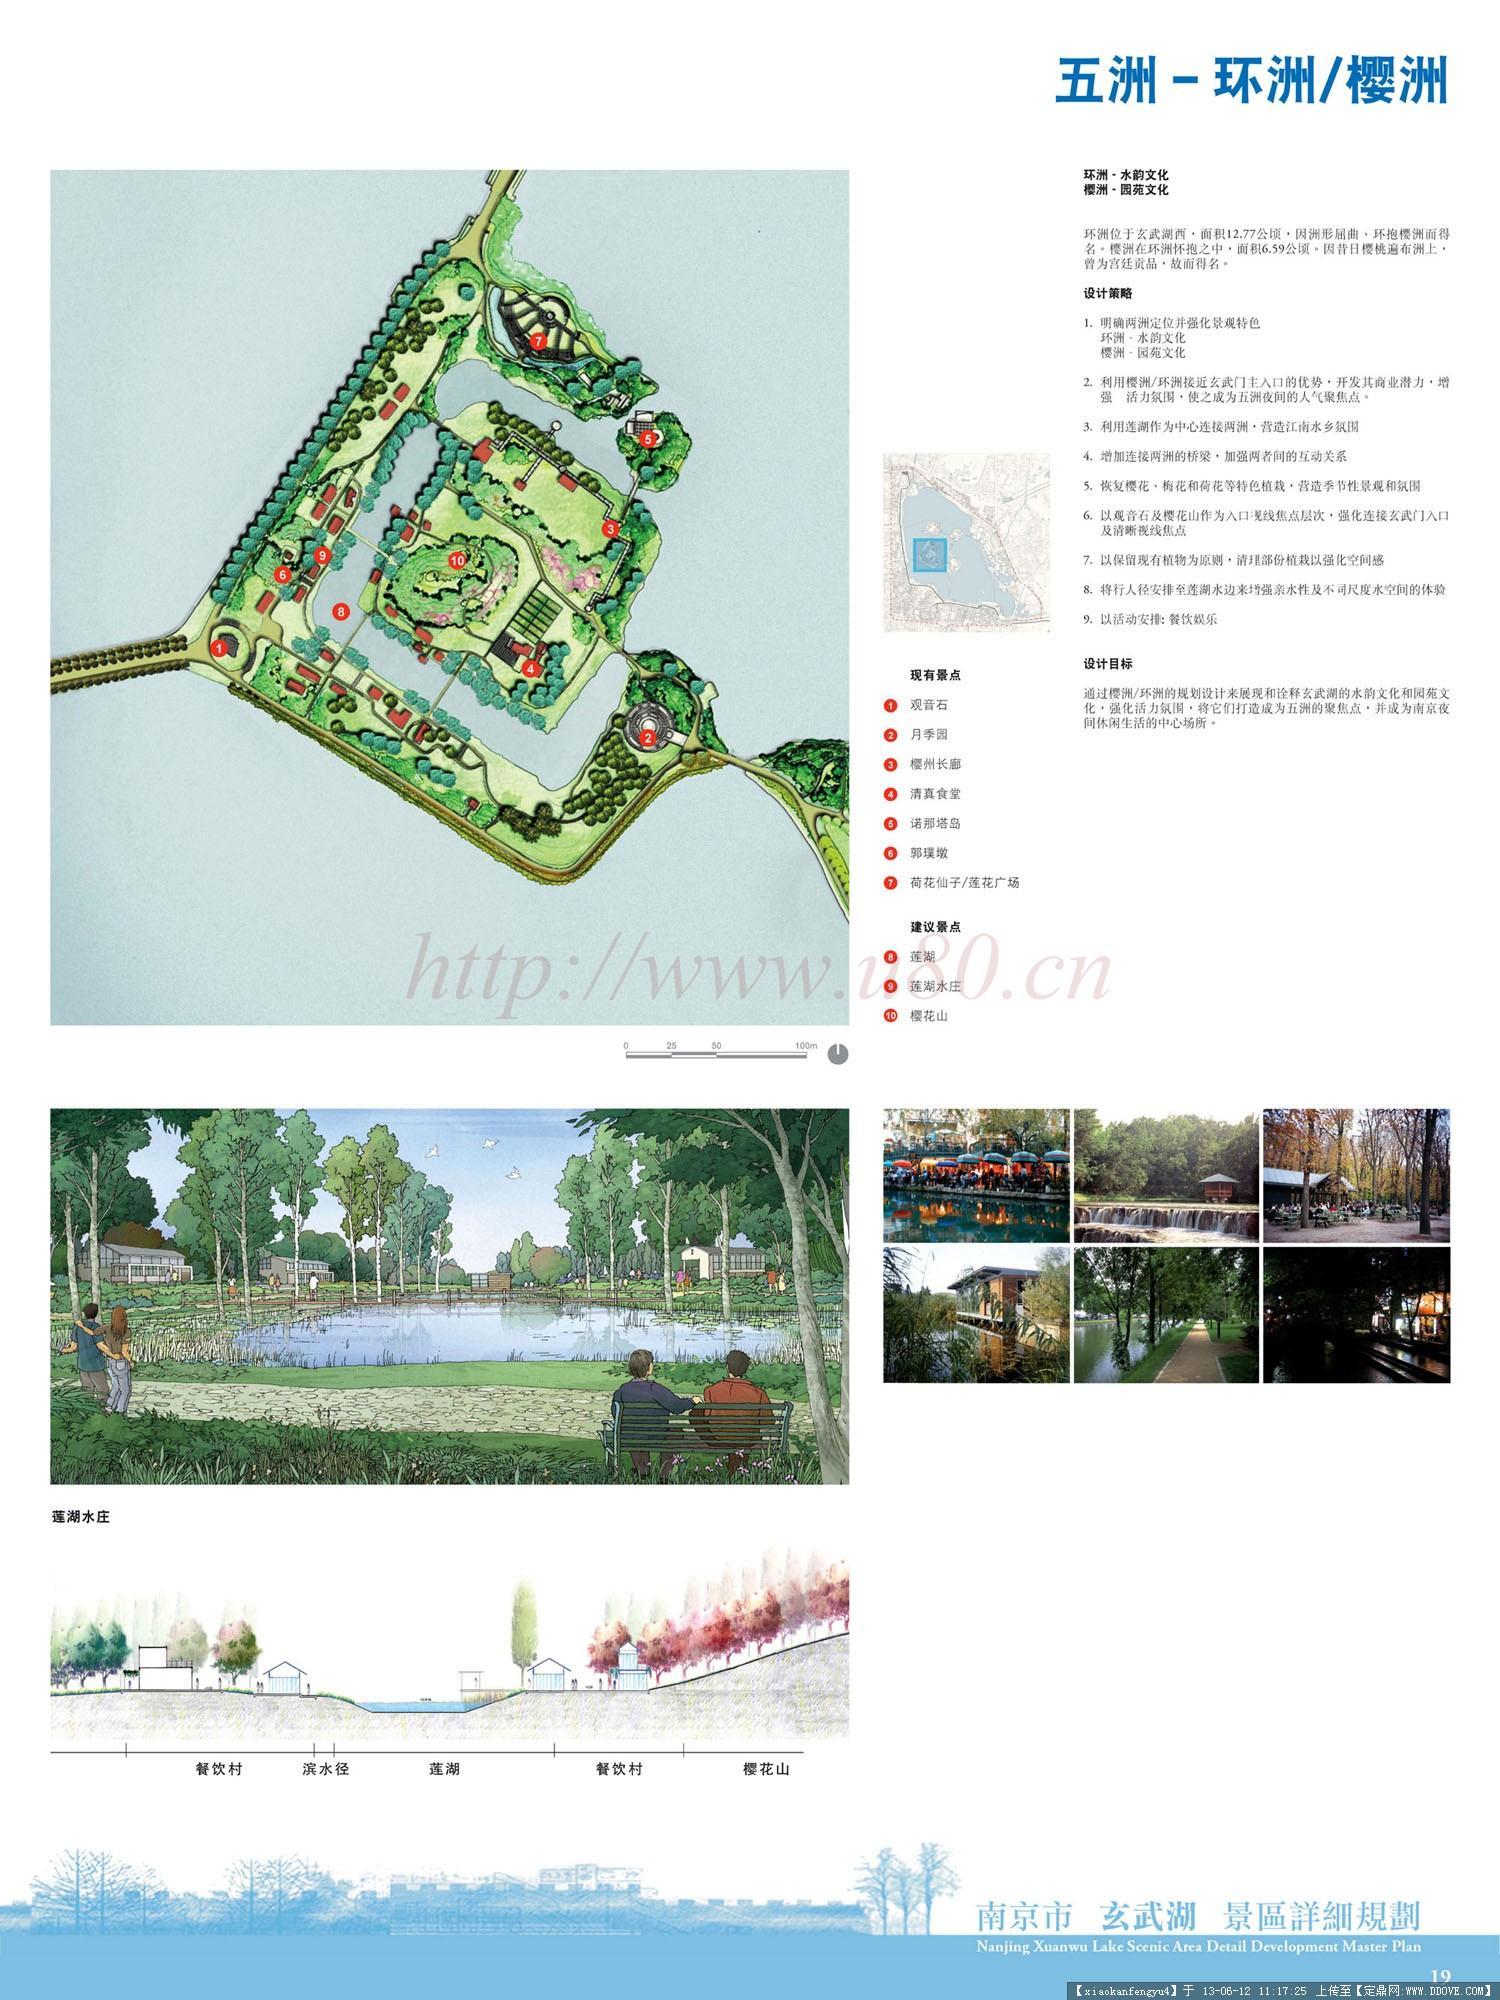 景观规划案例(南京玄武湖景区详细规划)-xwh20.